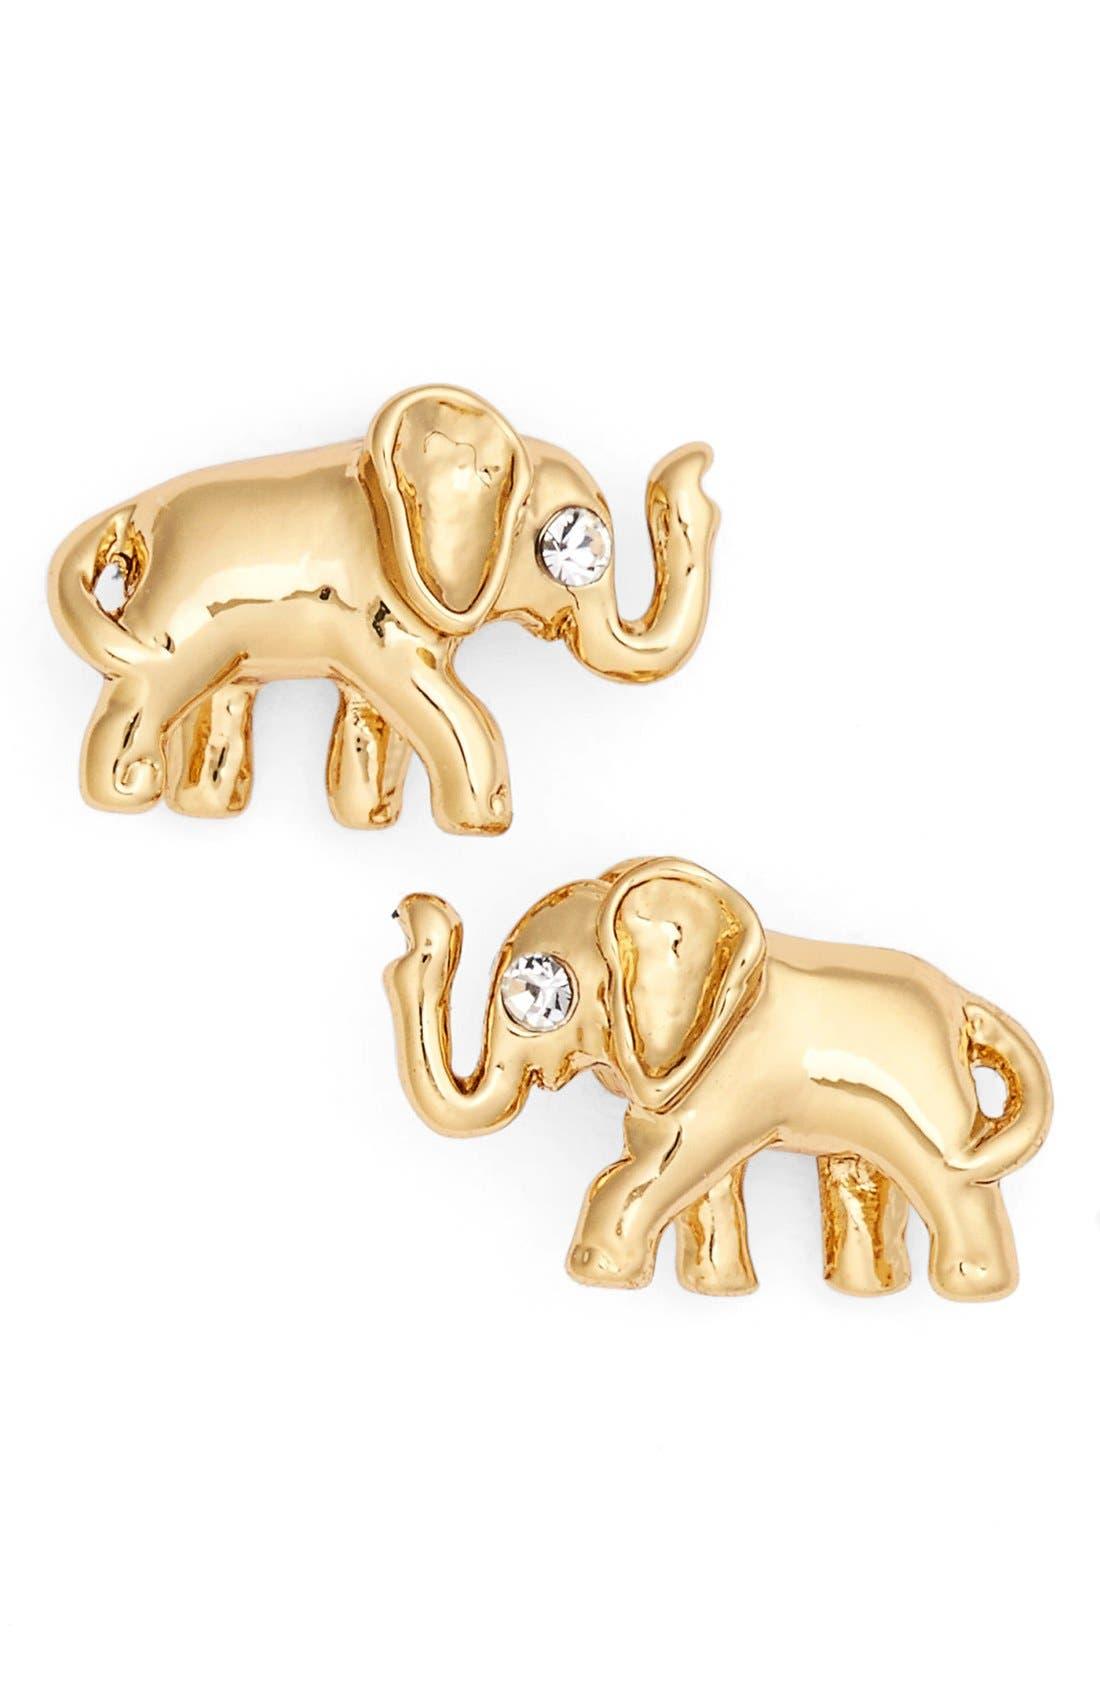 Main Image - katespade new yorkelephant stud earrings